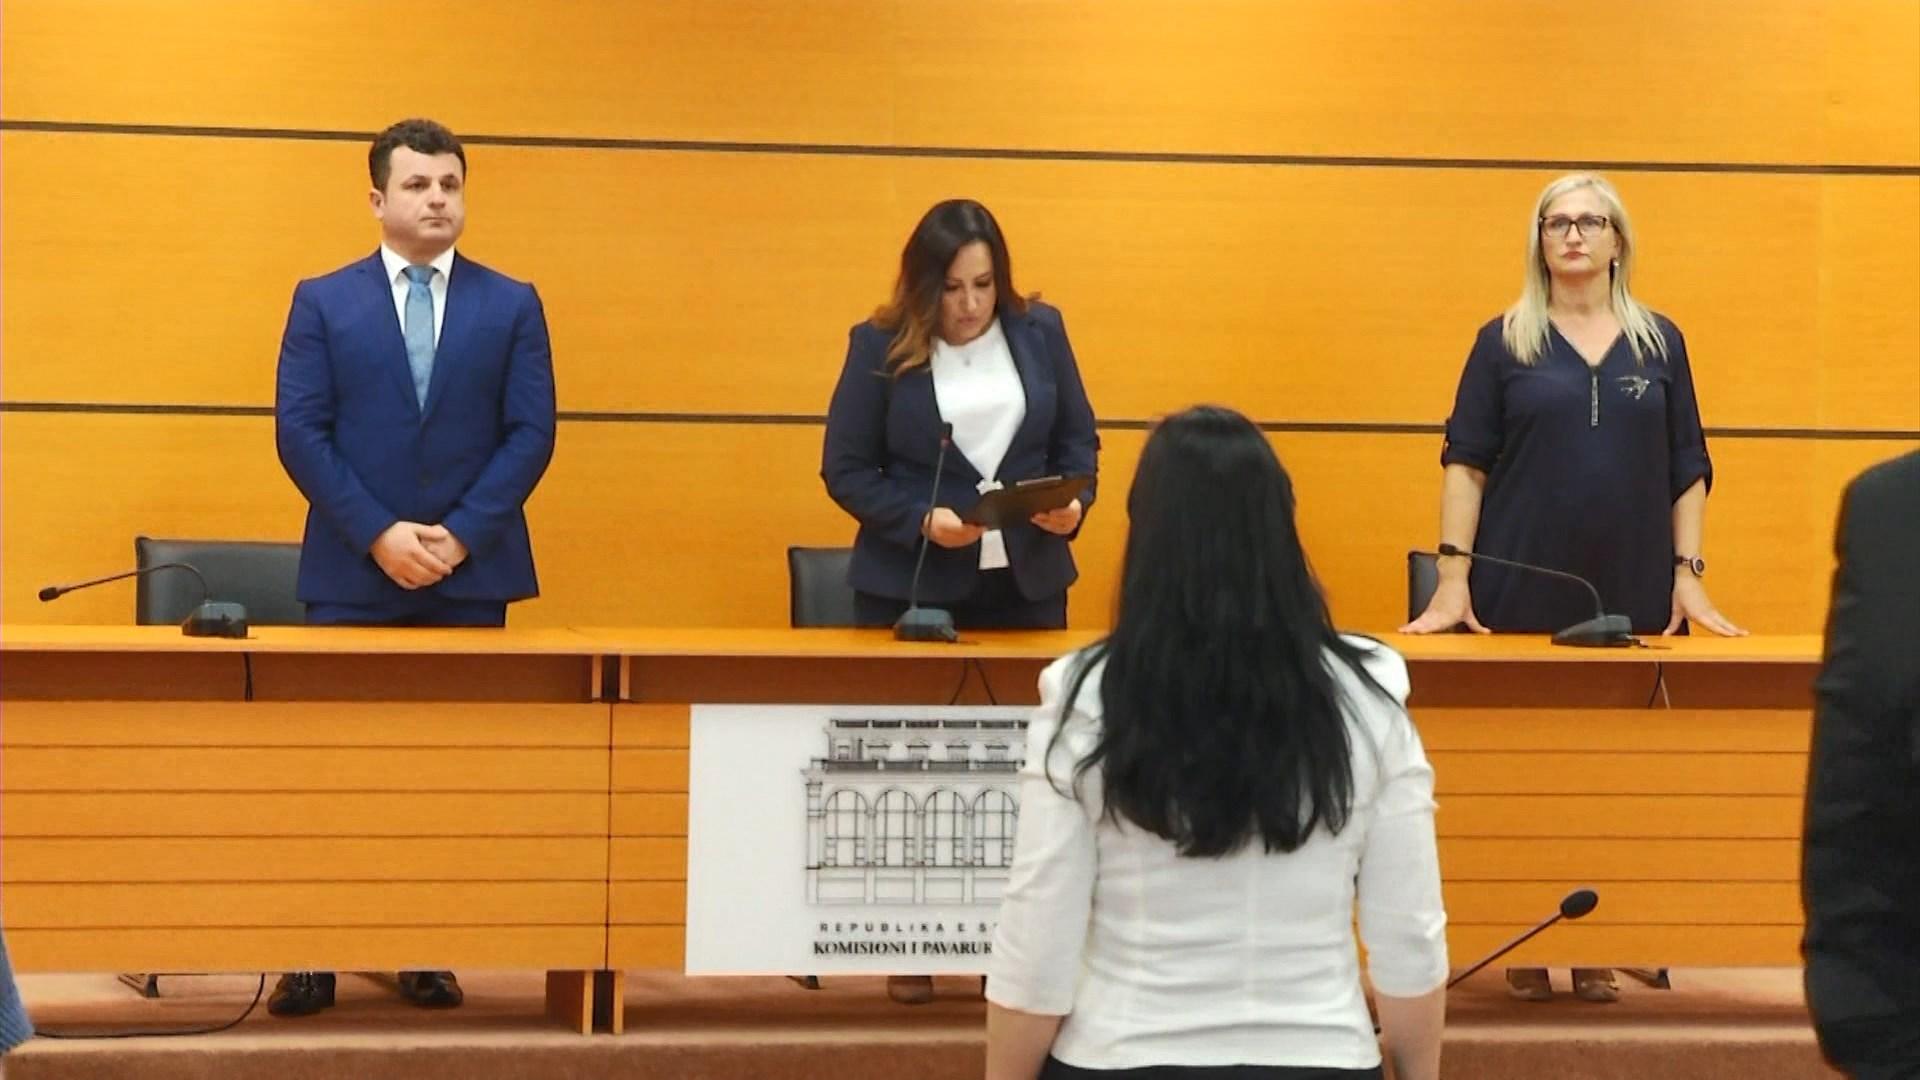 Vettingu, KPK konfirmon në detyrë Alma Bratin